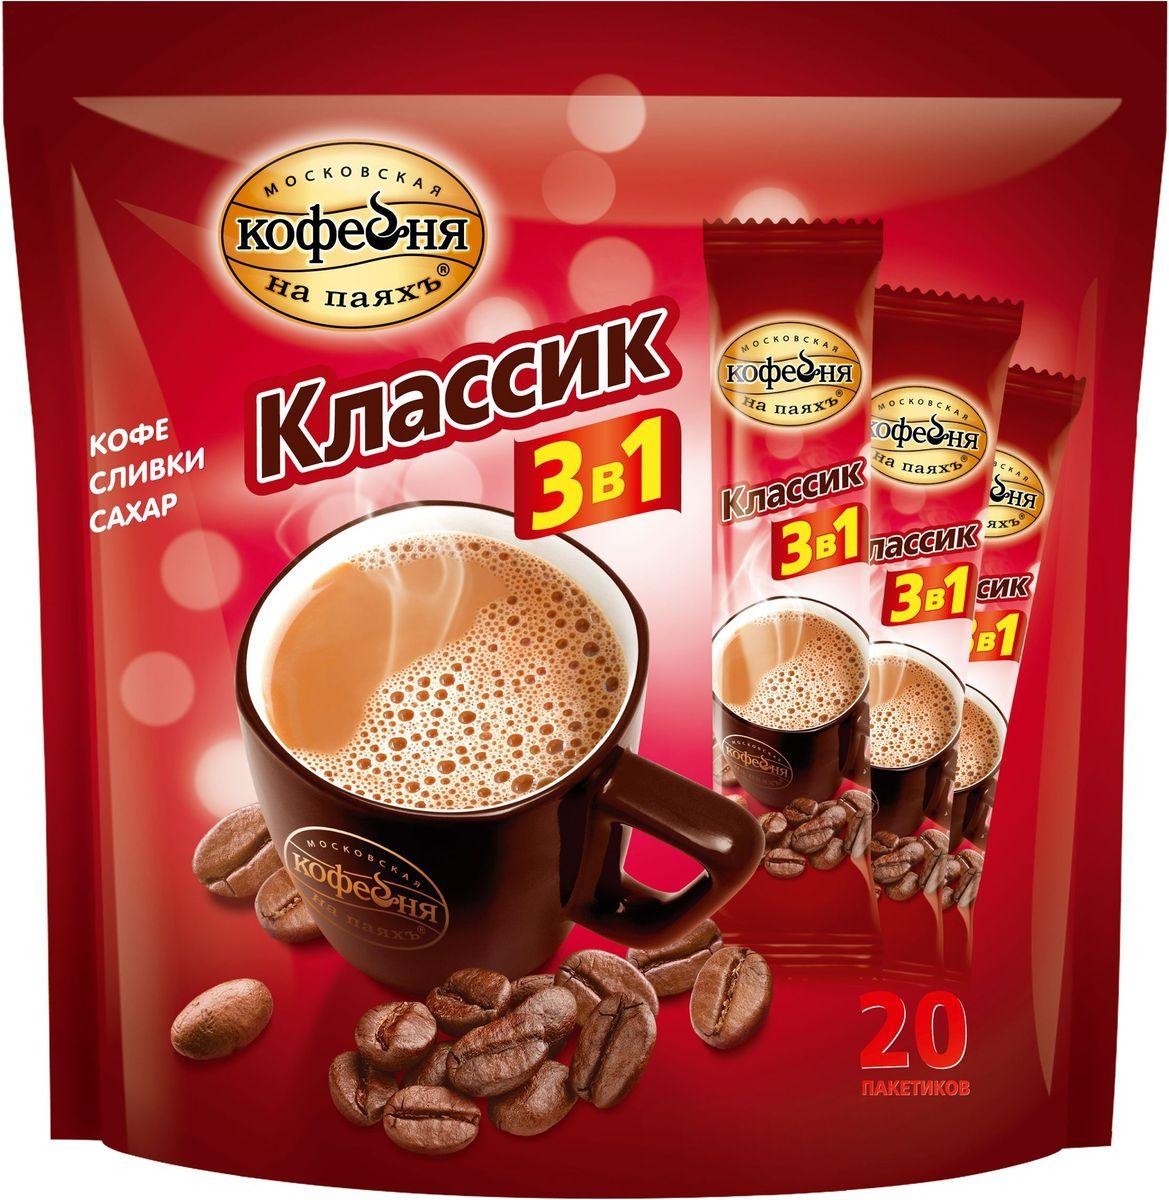 Московская кофейня на паяхъ кофейный напиток растворимый 3 в 1 Классический, 20 шт